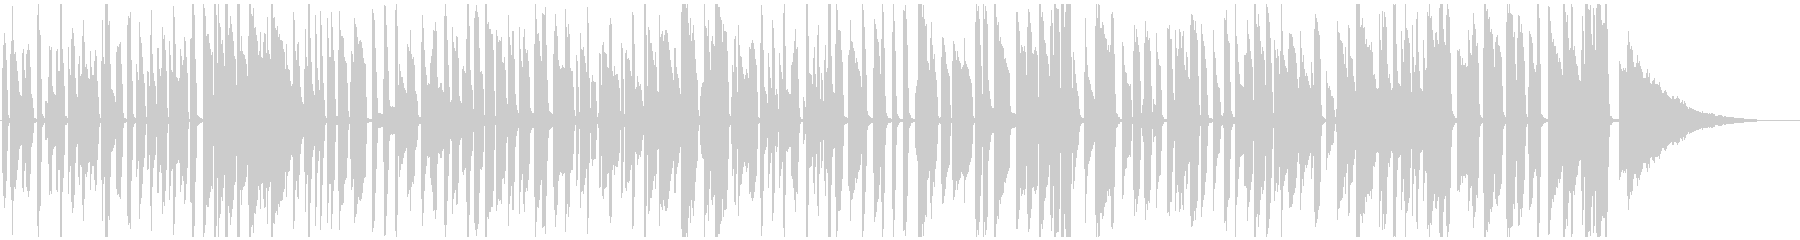 おしゃれピアノジャズ 楽しい料理映像等(ソロ)の未再生の波形